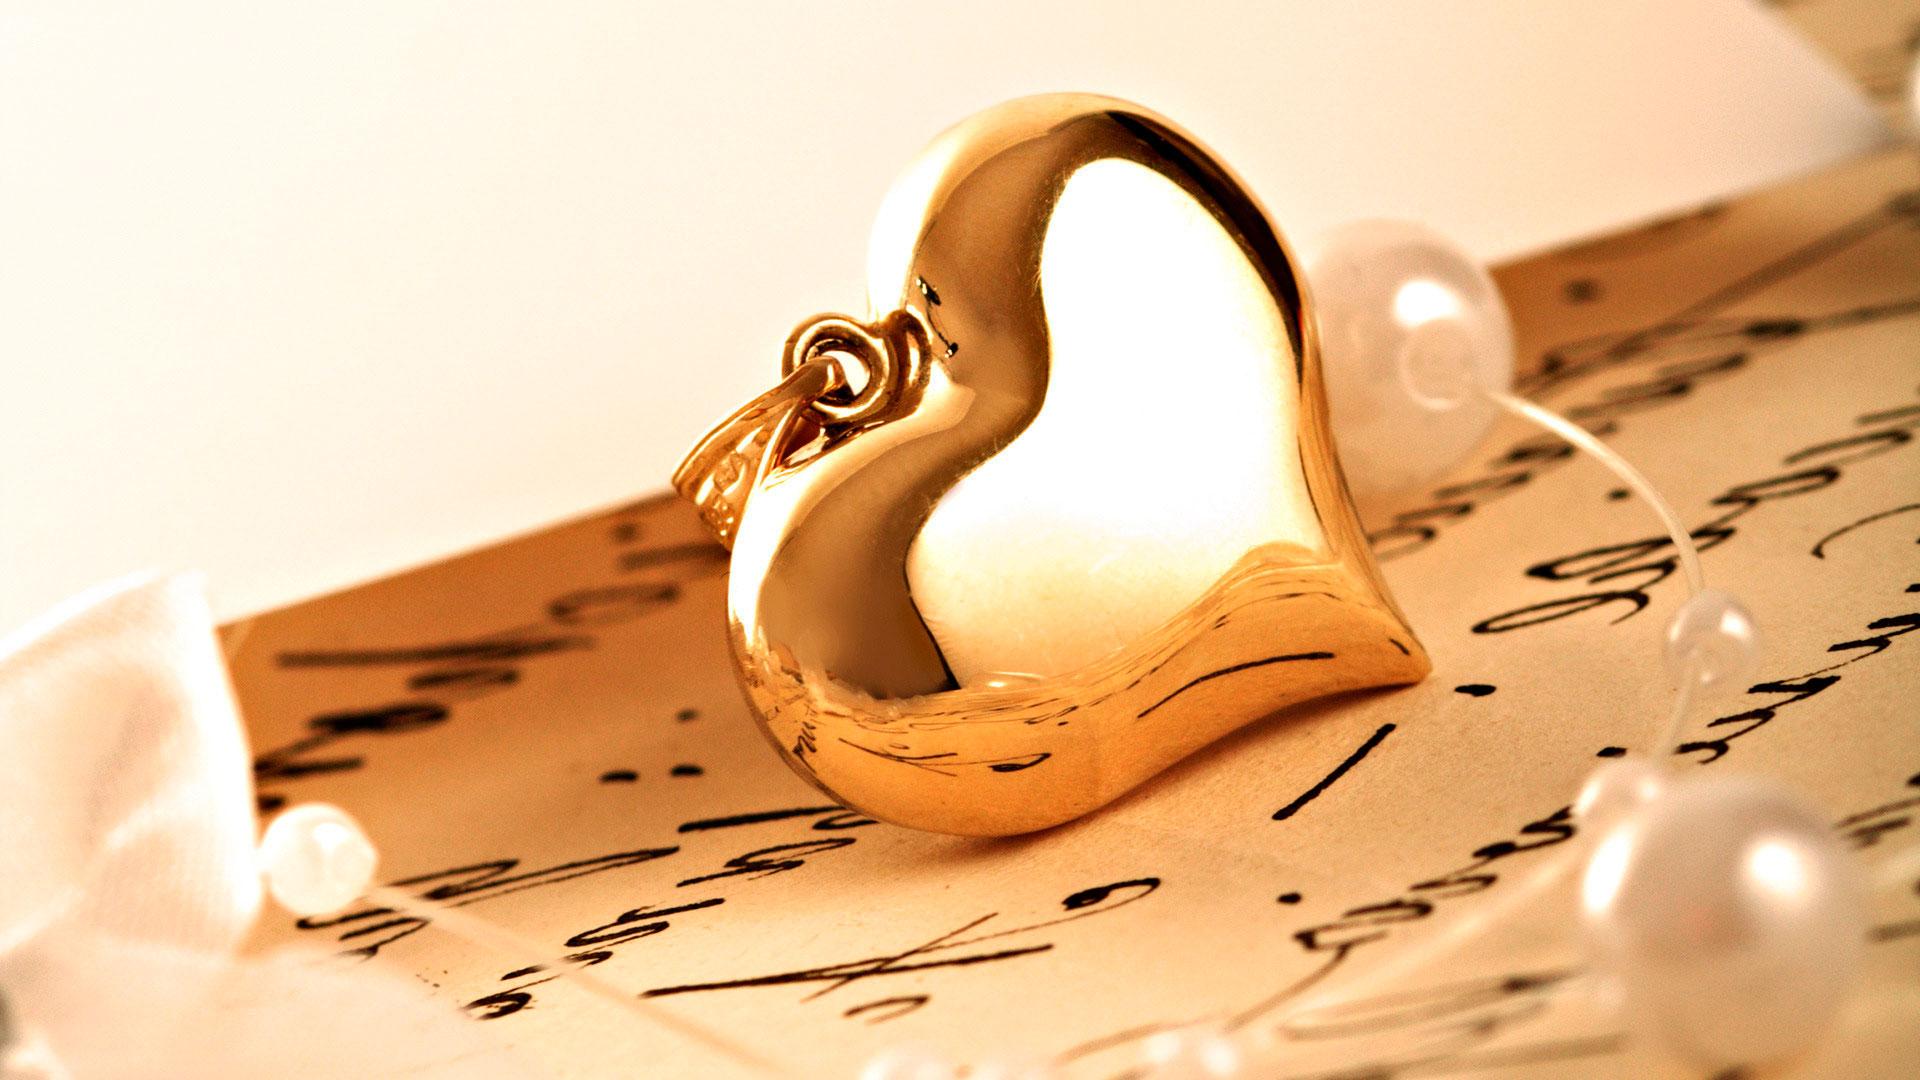 Кулон в виде сердца загрузить